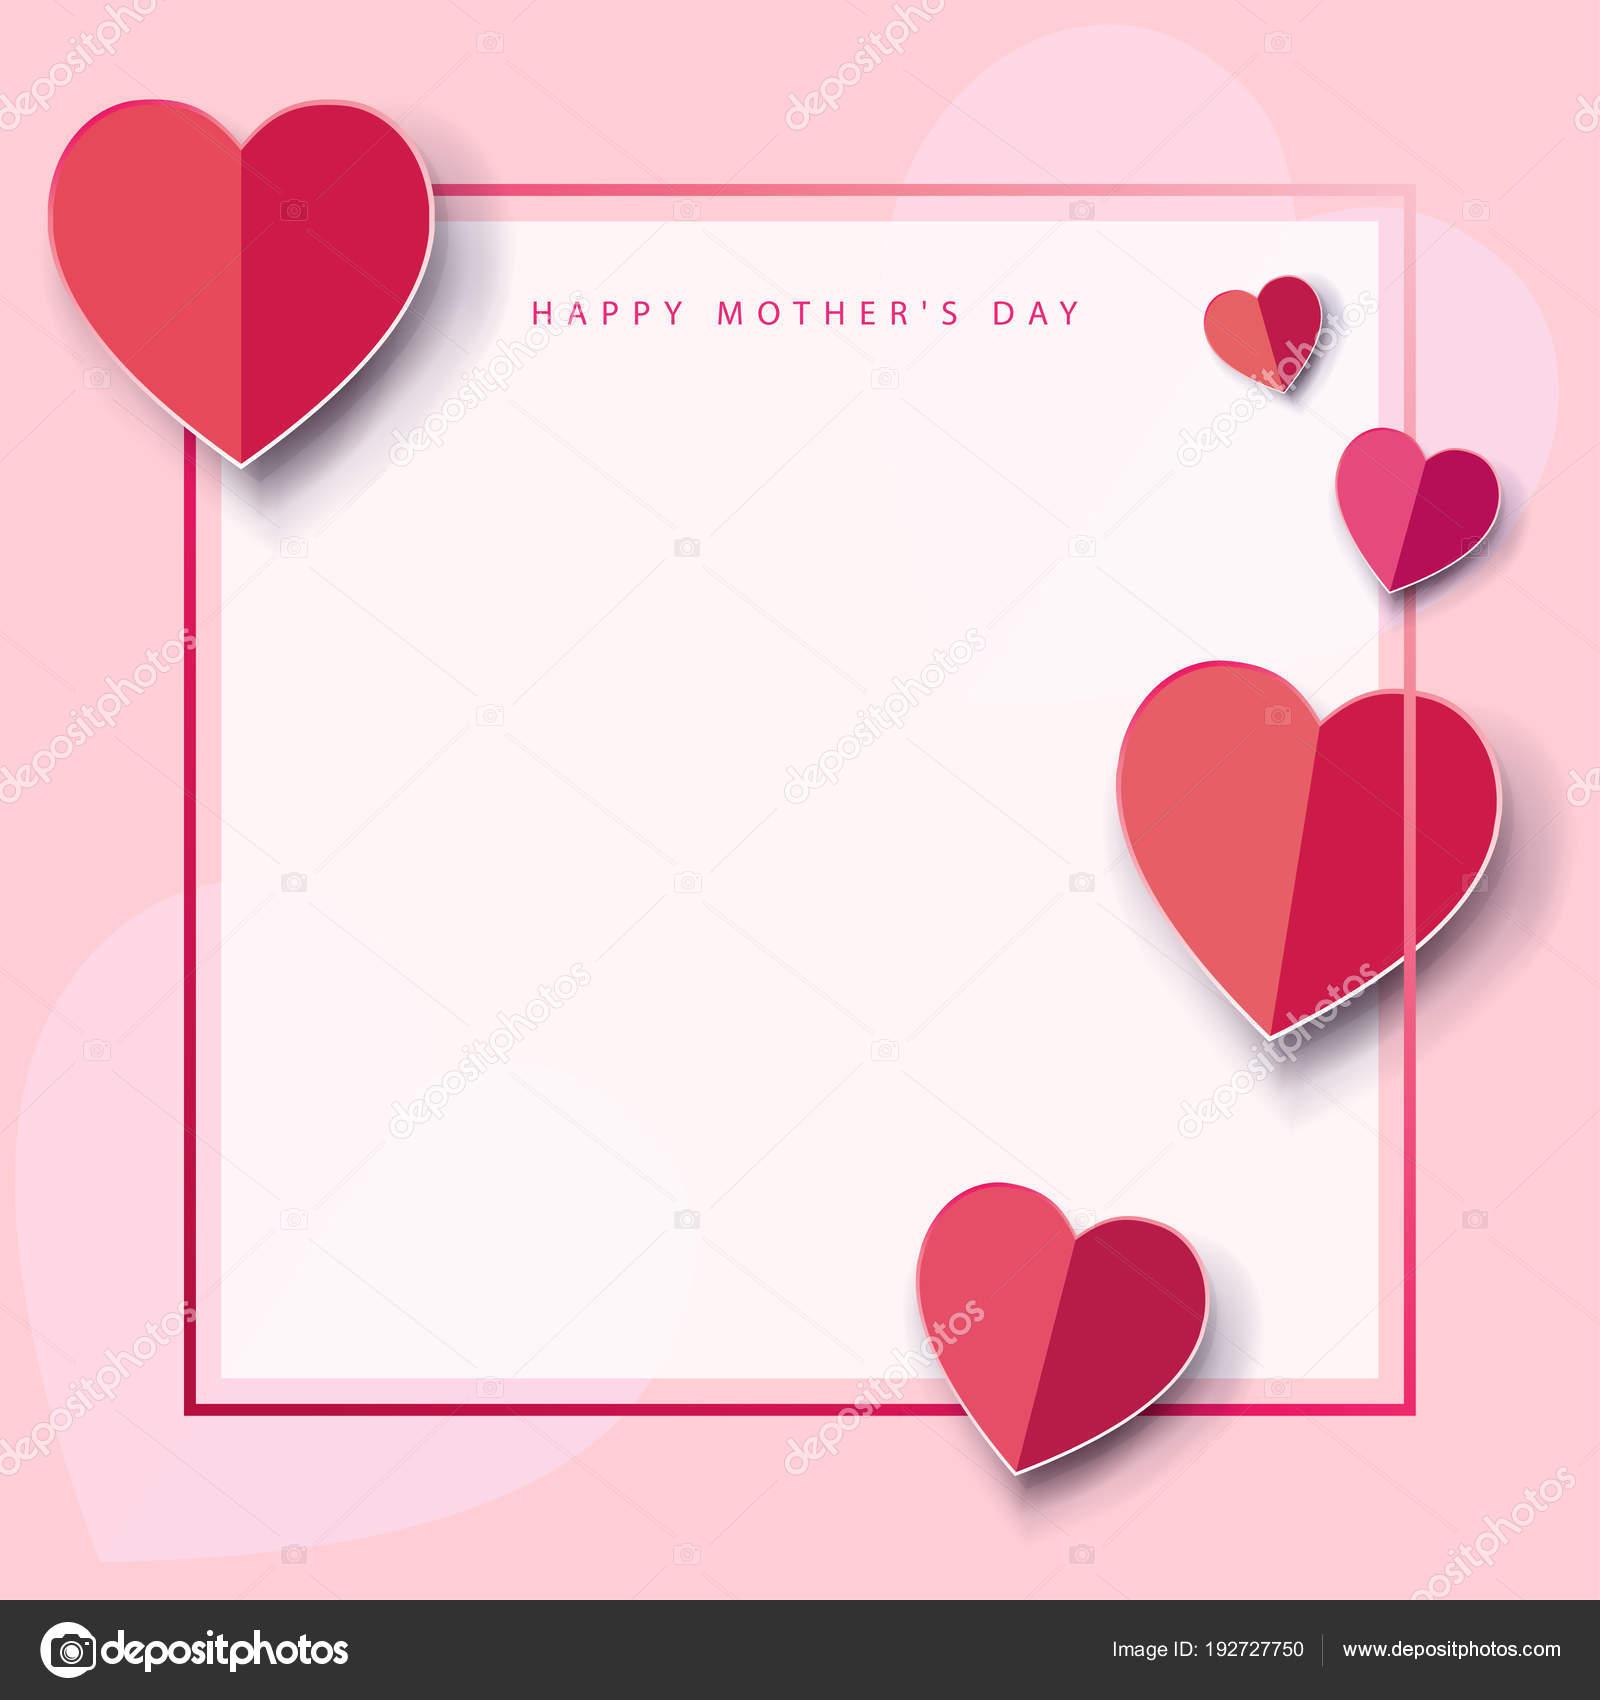 Fondos Para El Dia De La Madre Corazones Tarjeta Felicitación Del